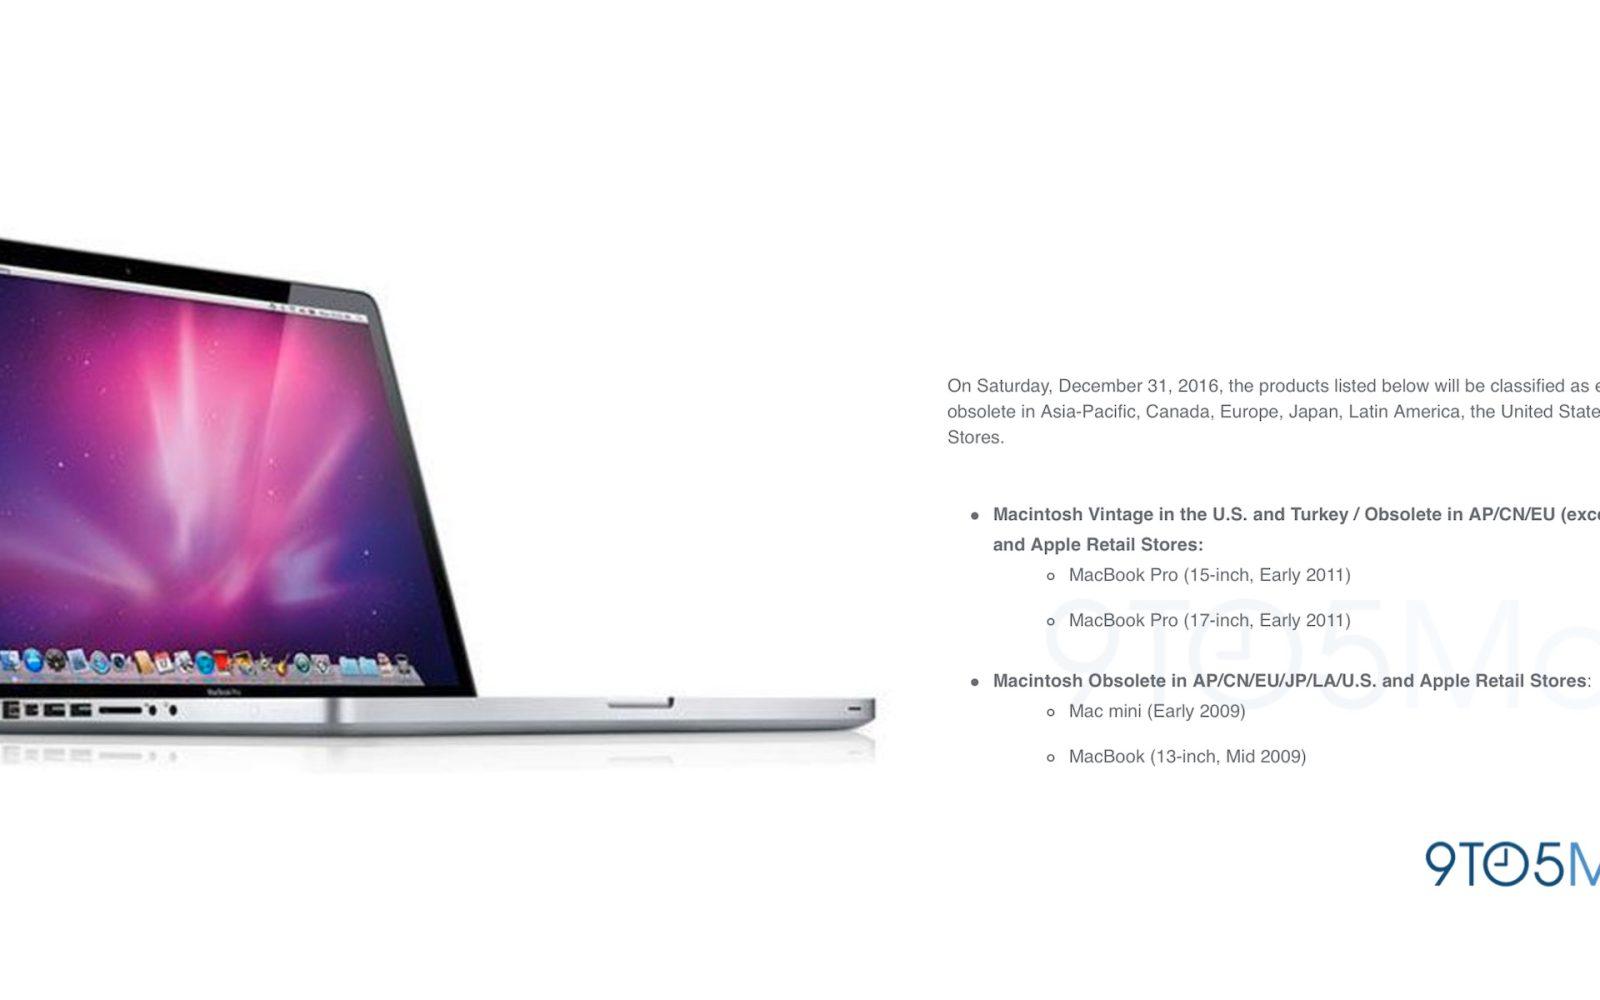 Some MacBook Pro, MacBook Air & Mac mini models will become